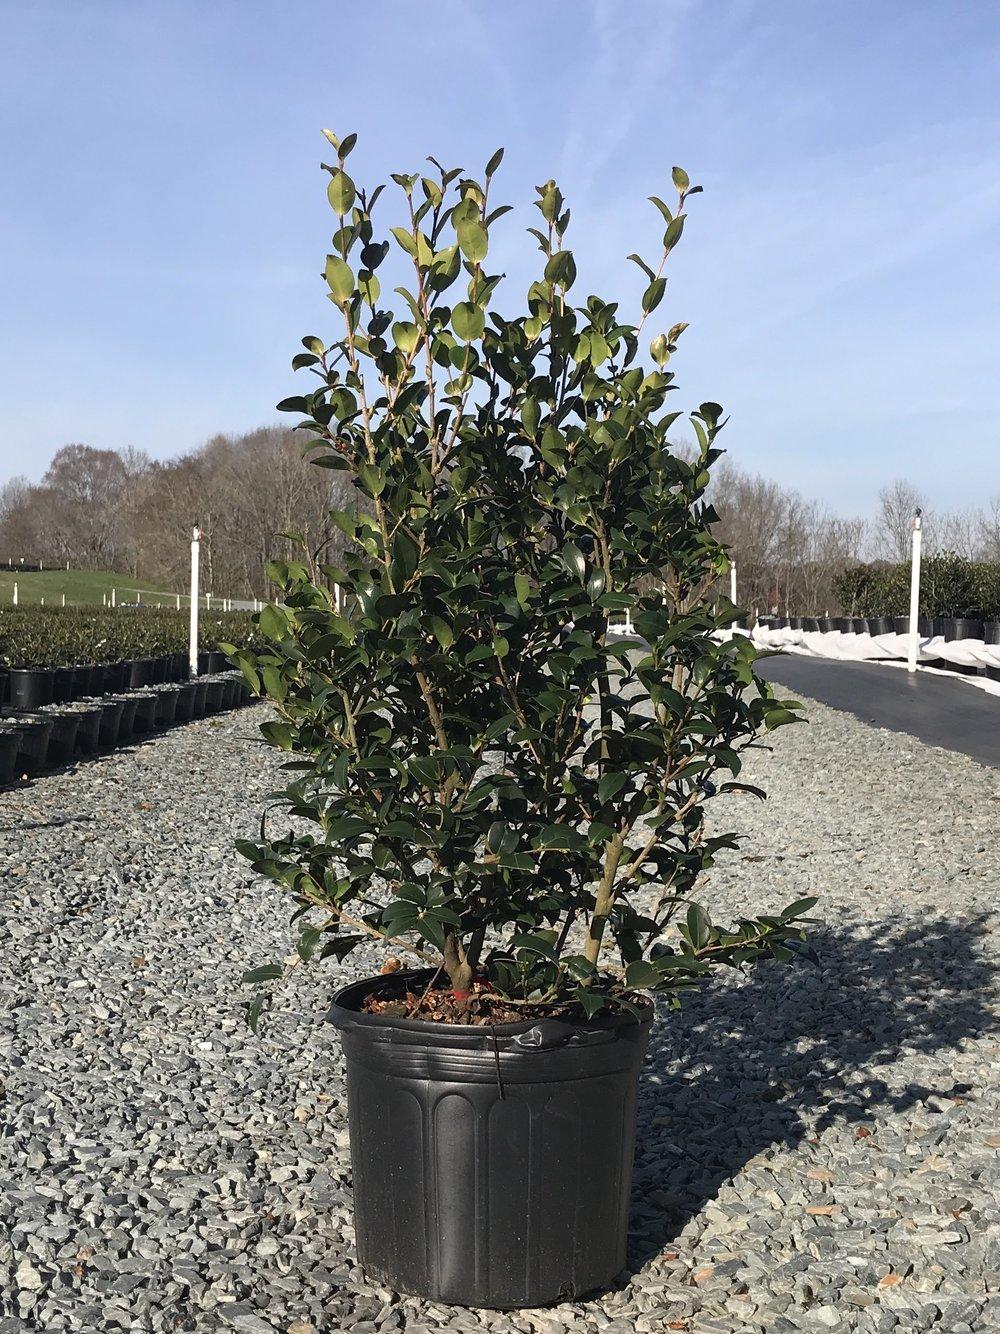 Camellia sasanqua 'Red Bird' - 7 gallon